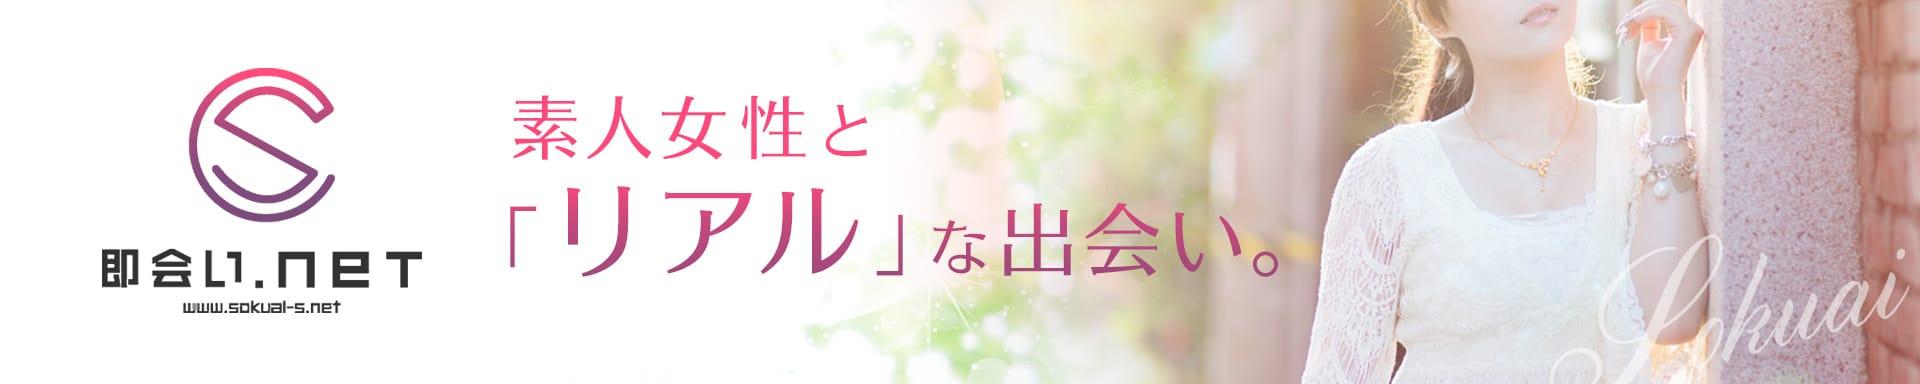 即会い.net 奥様 旭川 その2